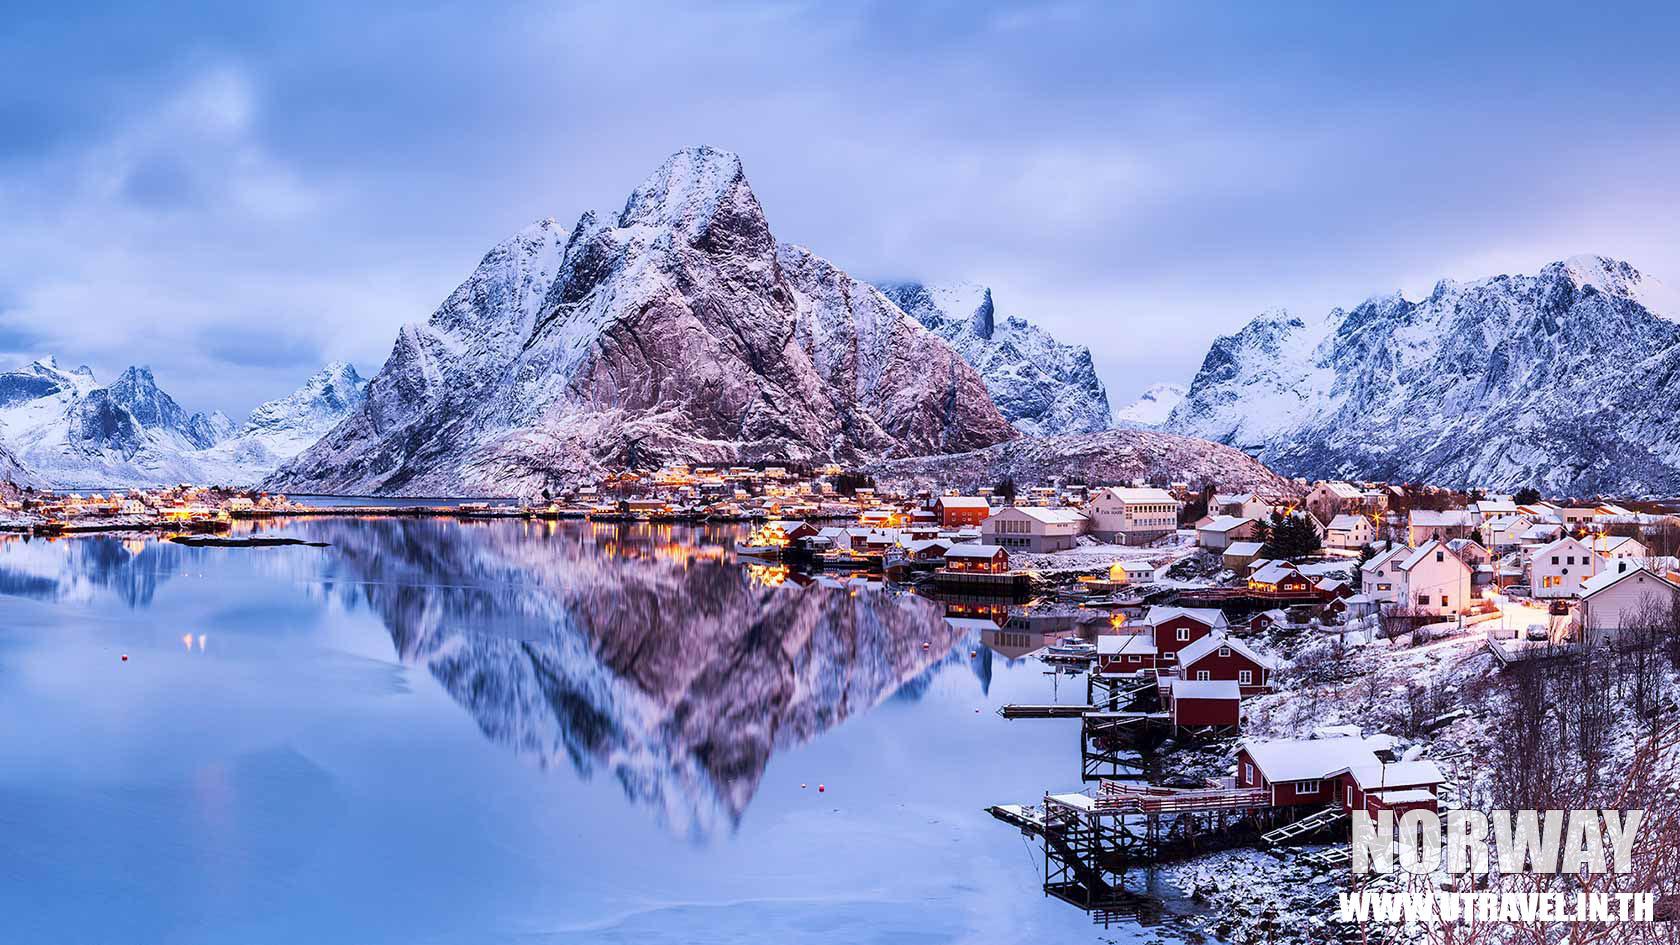 ทัวร์ขั้วโลกเหนือ อาร์คติค เอ็กซ์พิดิชั่น 18 วัน